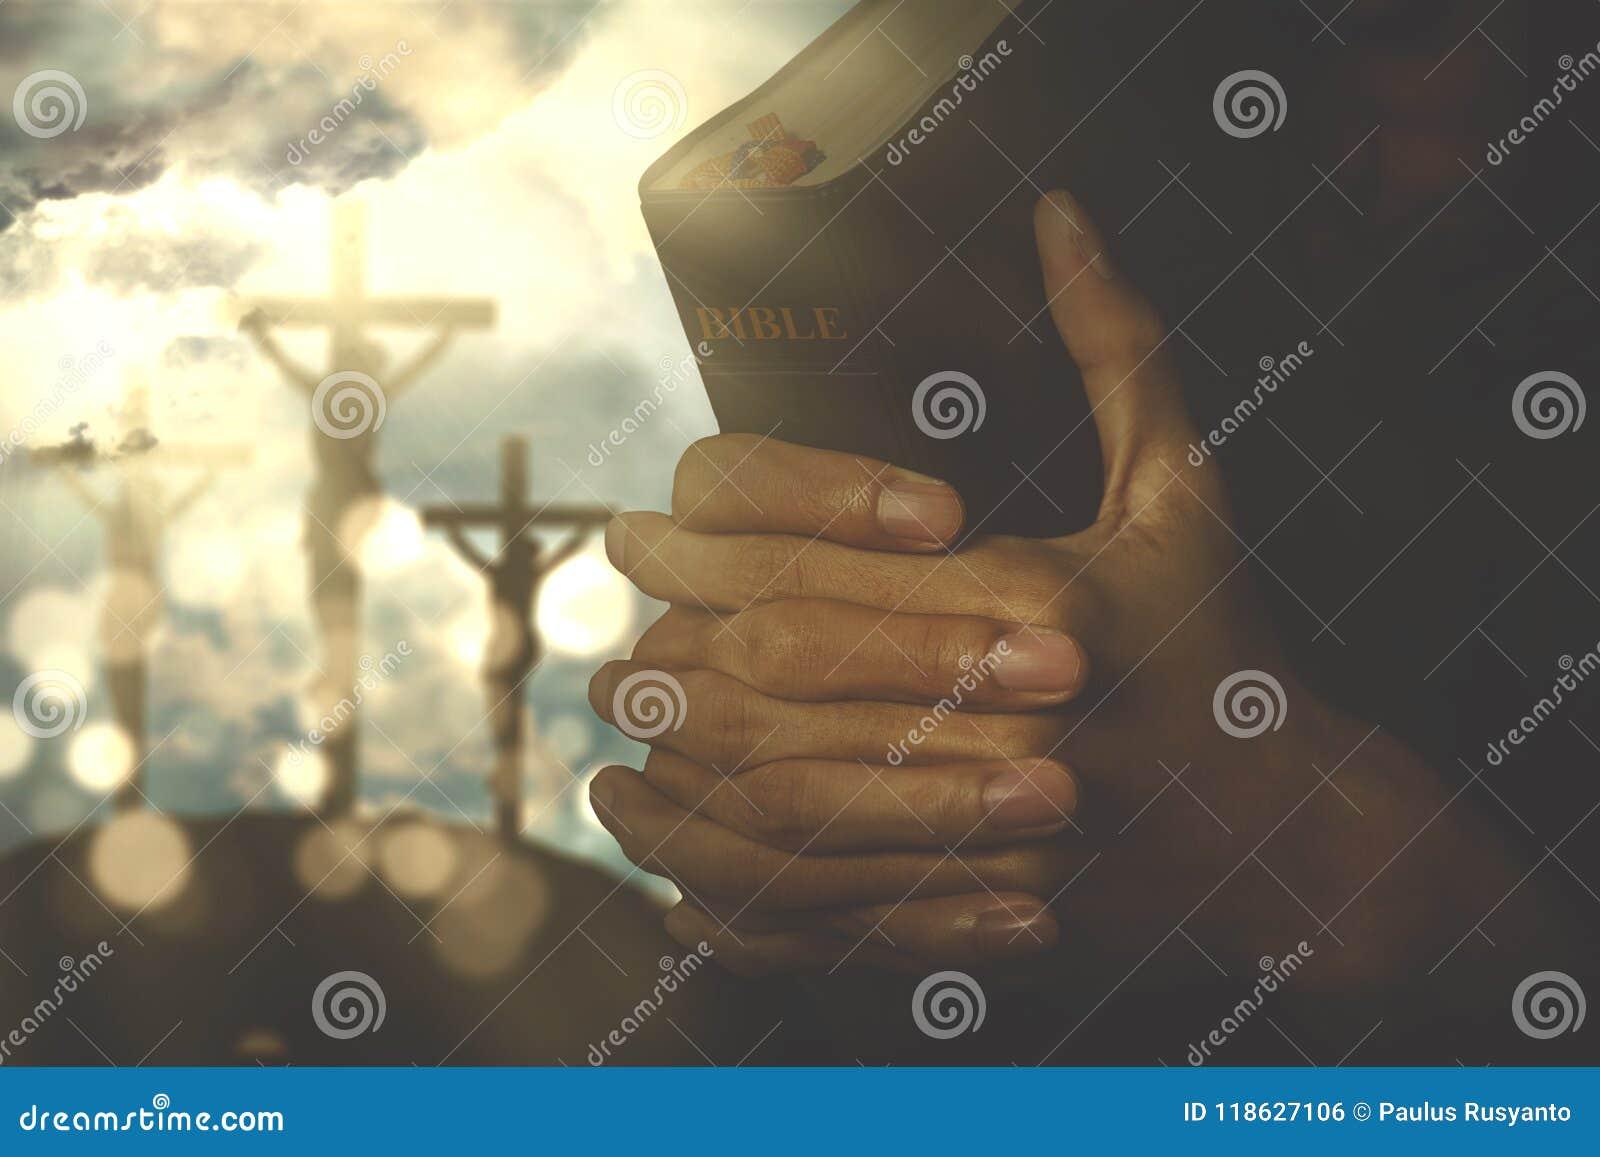 Personne chrétienne avec la bible